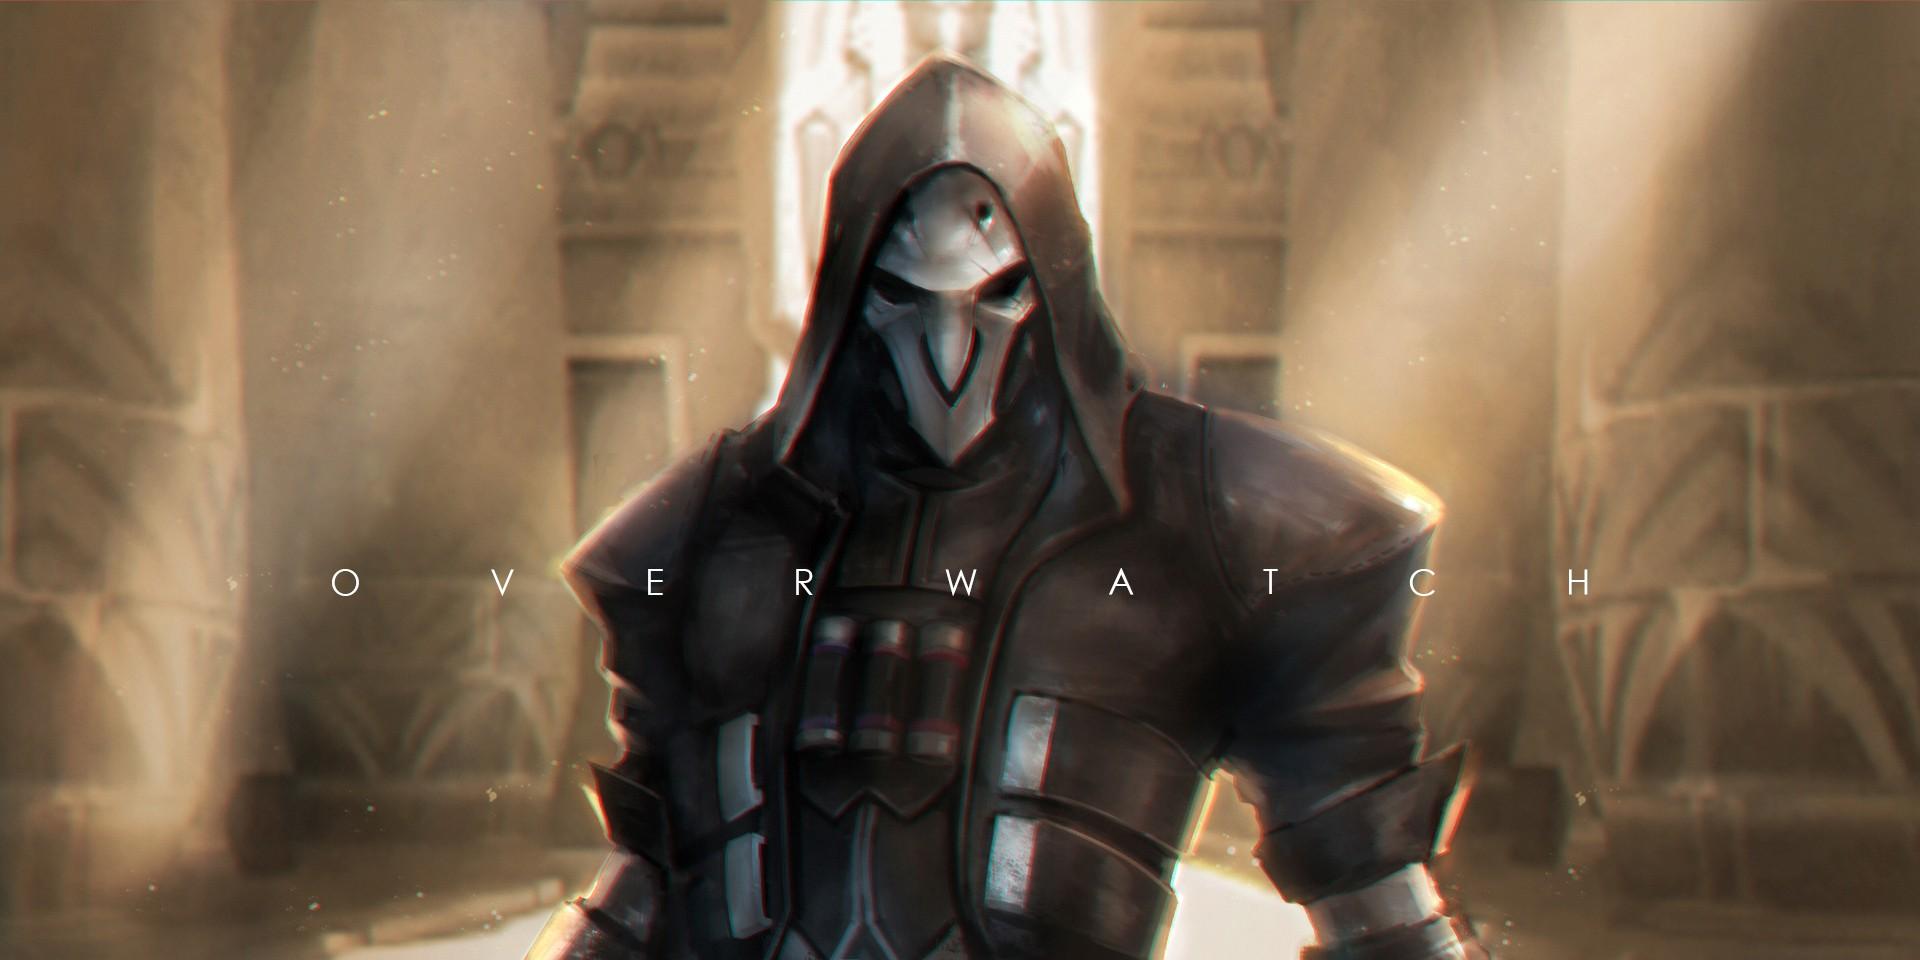 Wallpaper Reaper Overwatch Reapers Grim Reaper Darkness